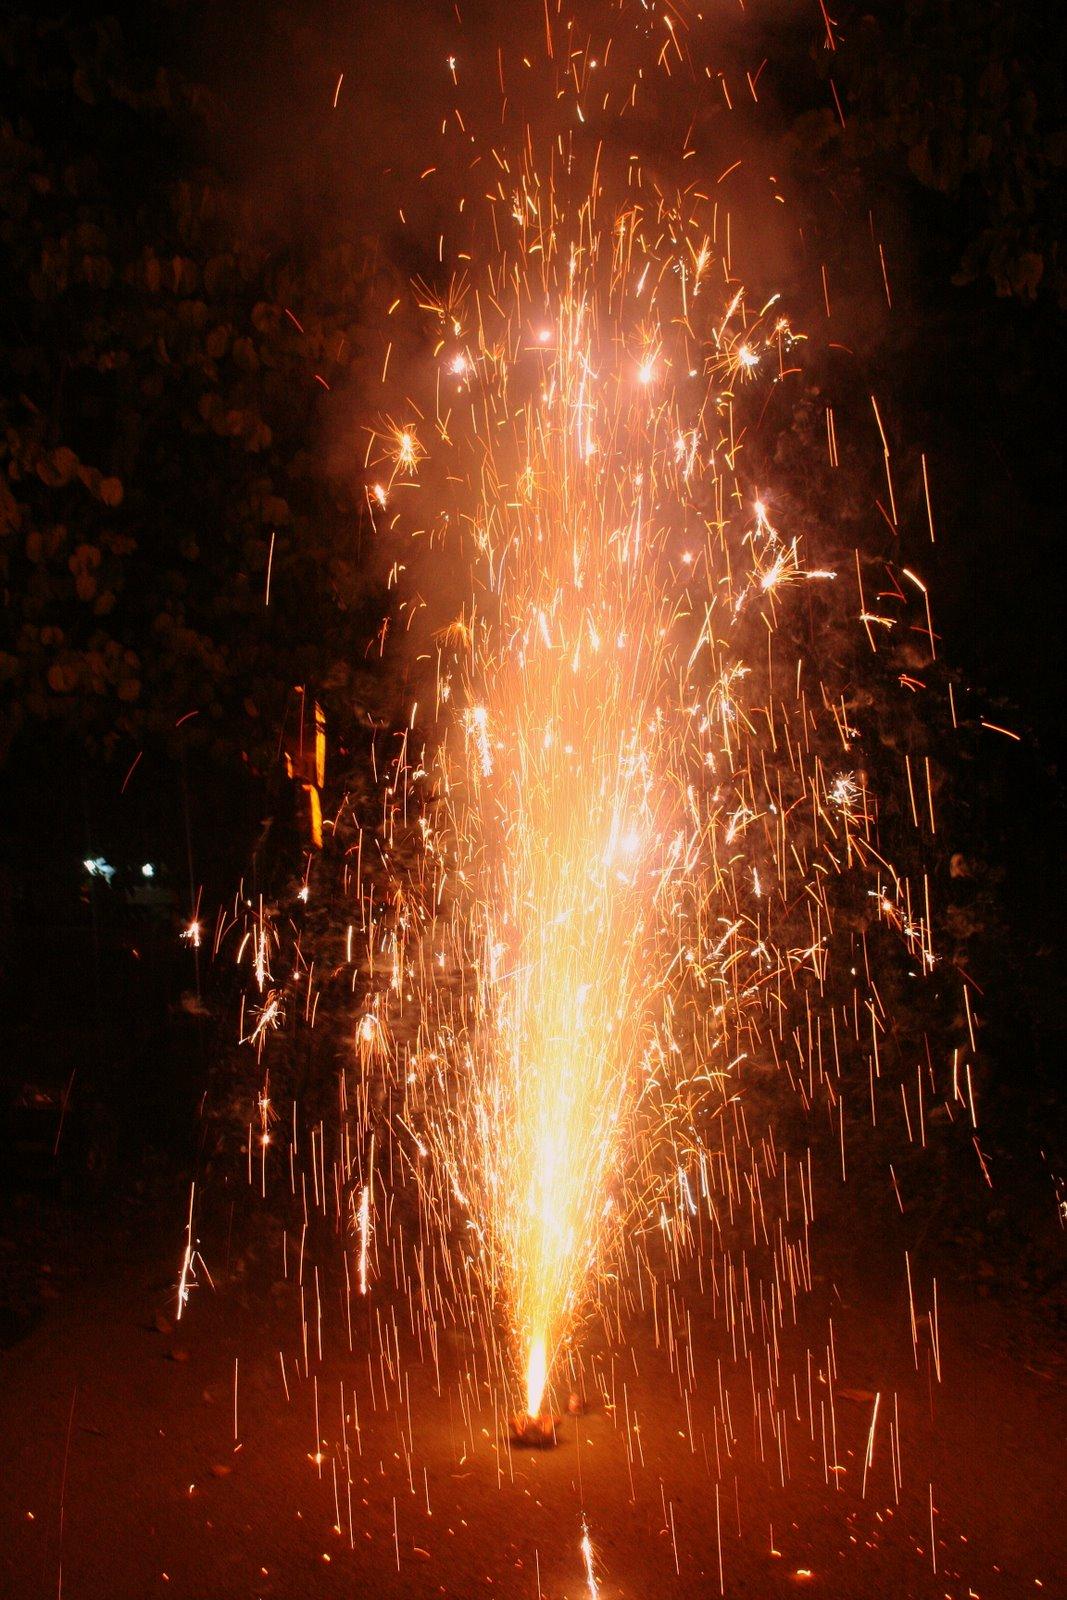 http://1.bp.blogspot.com/-d--odHX9PFc/UKGBpglNzHI/AAAAAAAABvw/xaEpJRi6qhs/s1600/Diwali-Fireworks-Diwali-743957.JPG